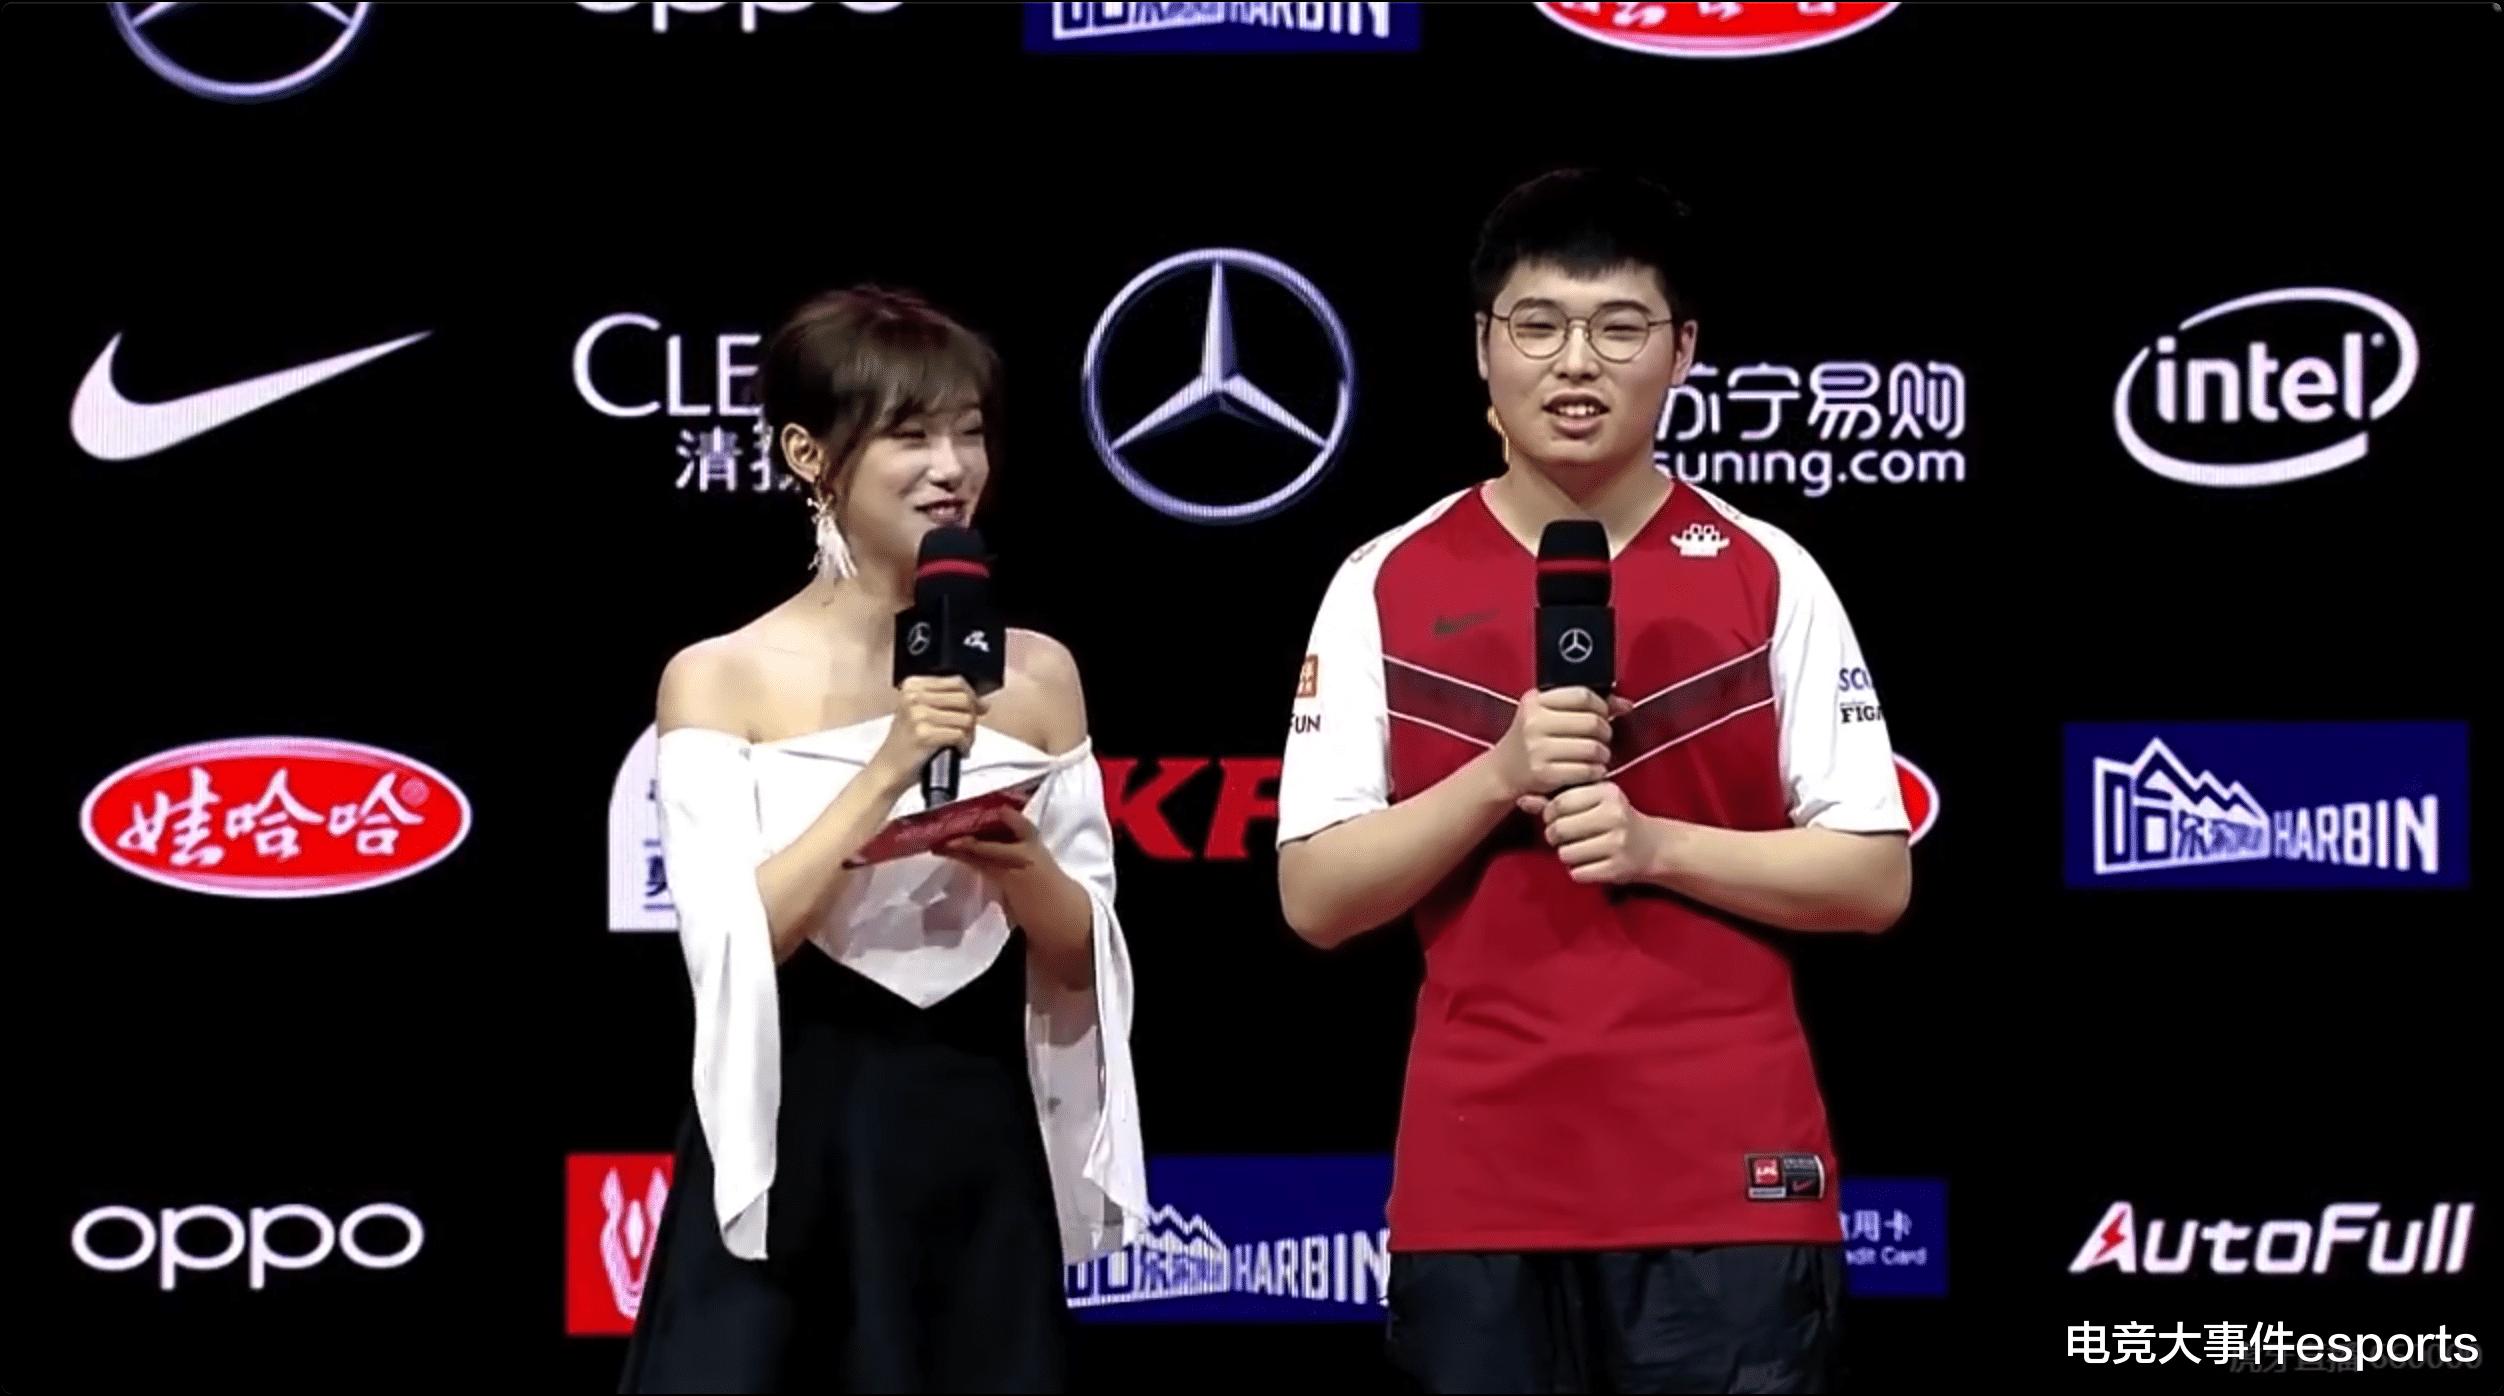 《【煜星平台怎么注册】赛后采访,WE打野beishang:土味这块,马老师说了算》